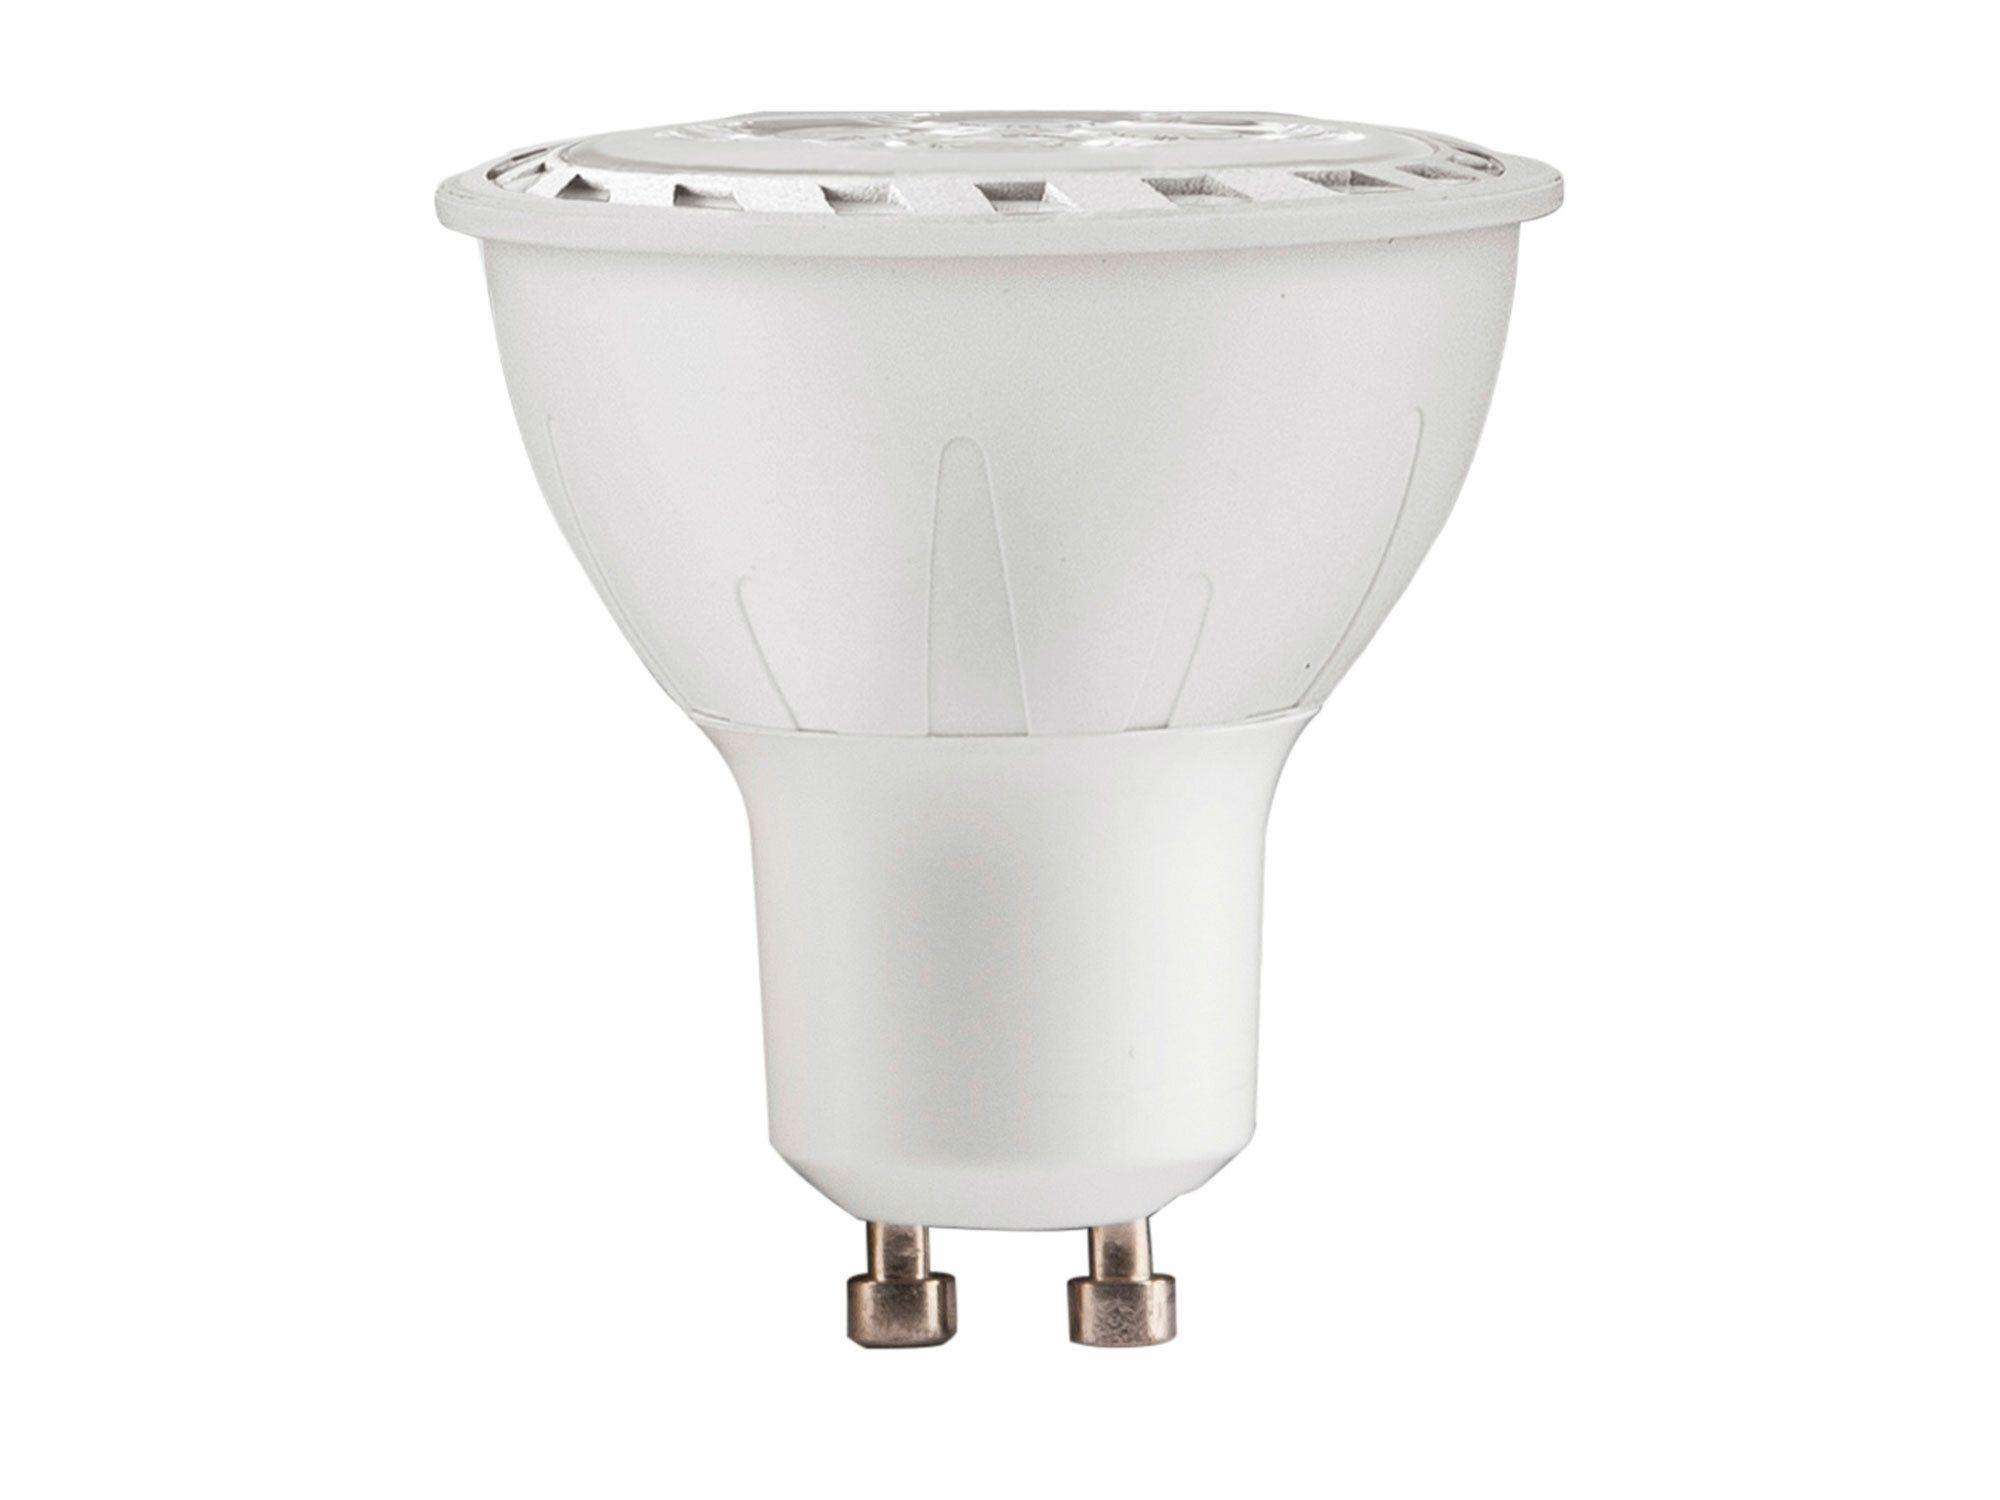 Žárovka LED reflektorová bodová, 7W, 580lm, GU10, teplá bílá, COB, EXTOL LIGHT